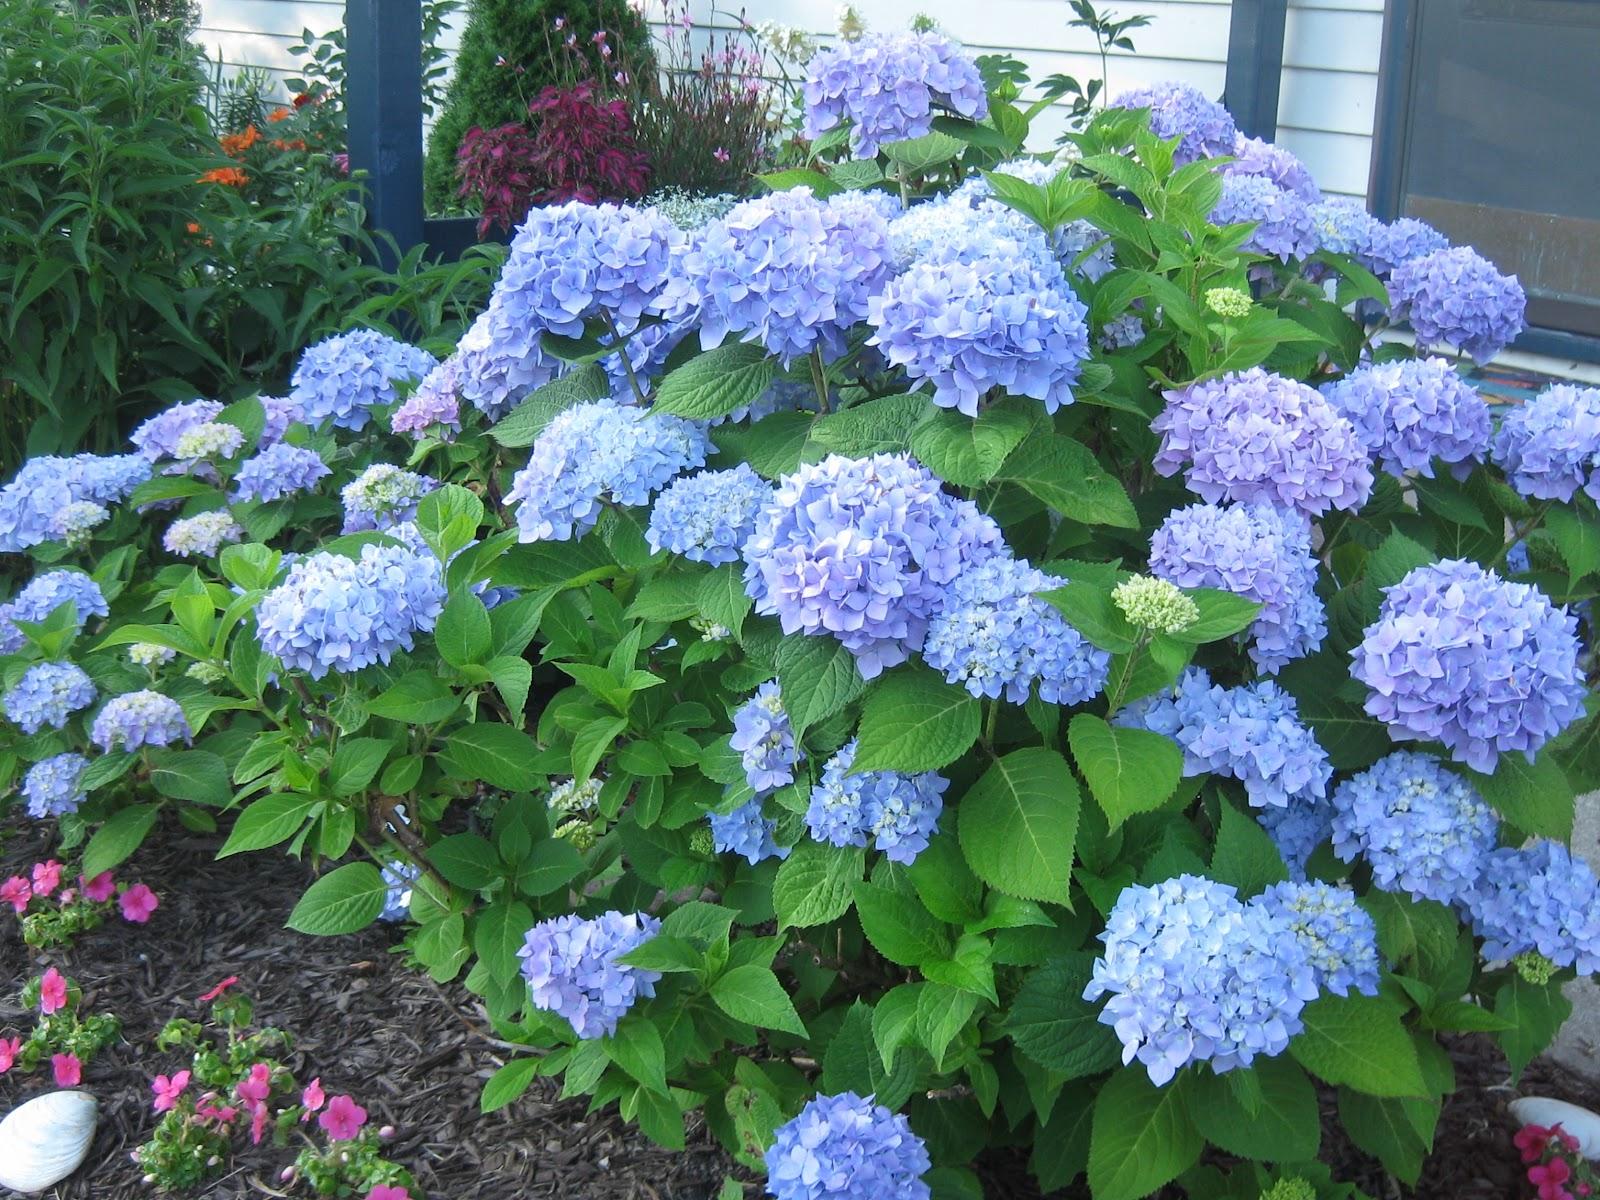 Hình ảnh vườn hoa Cẩm Tú Cầu xanh đẹp